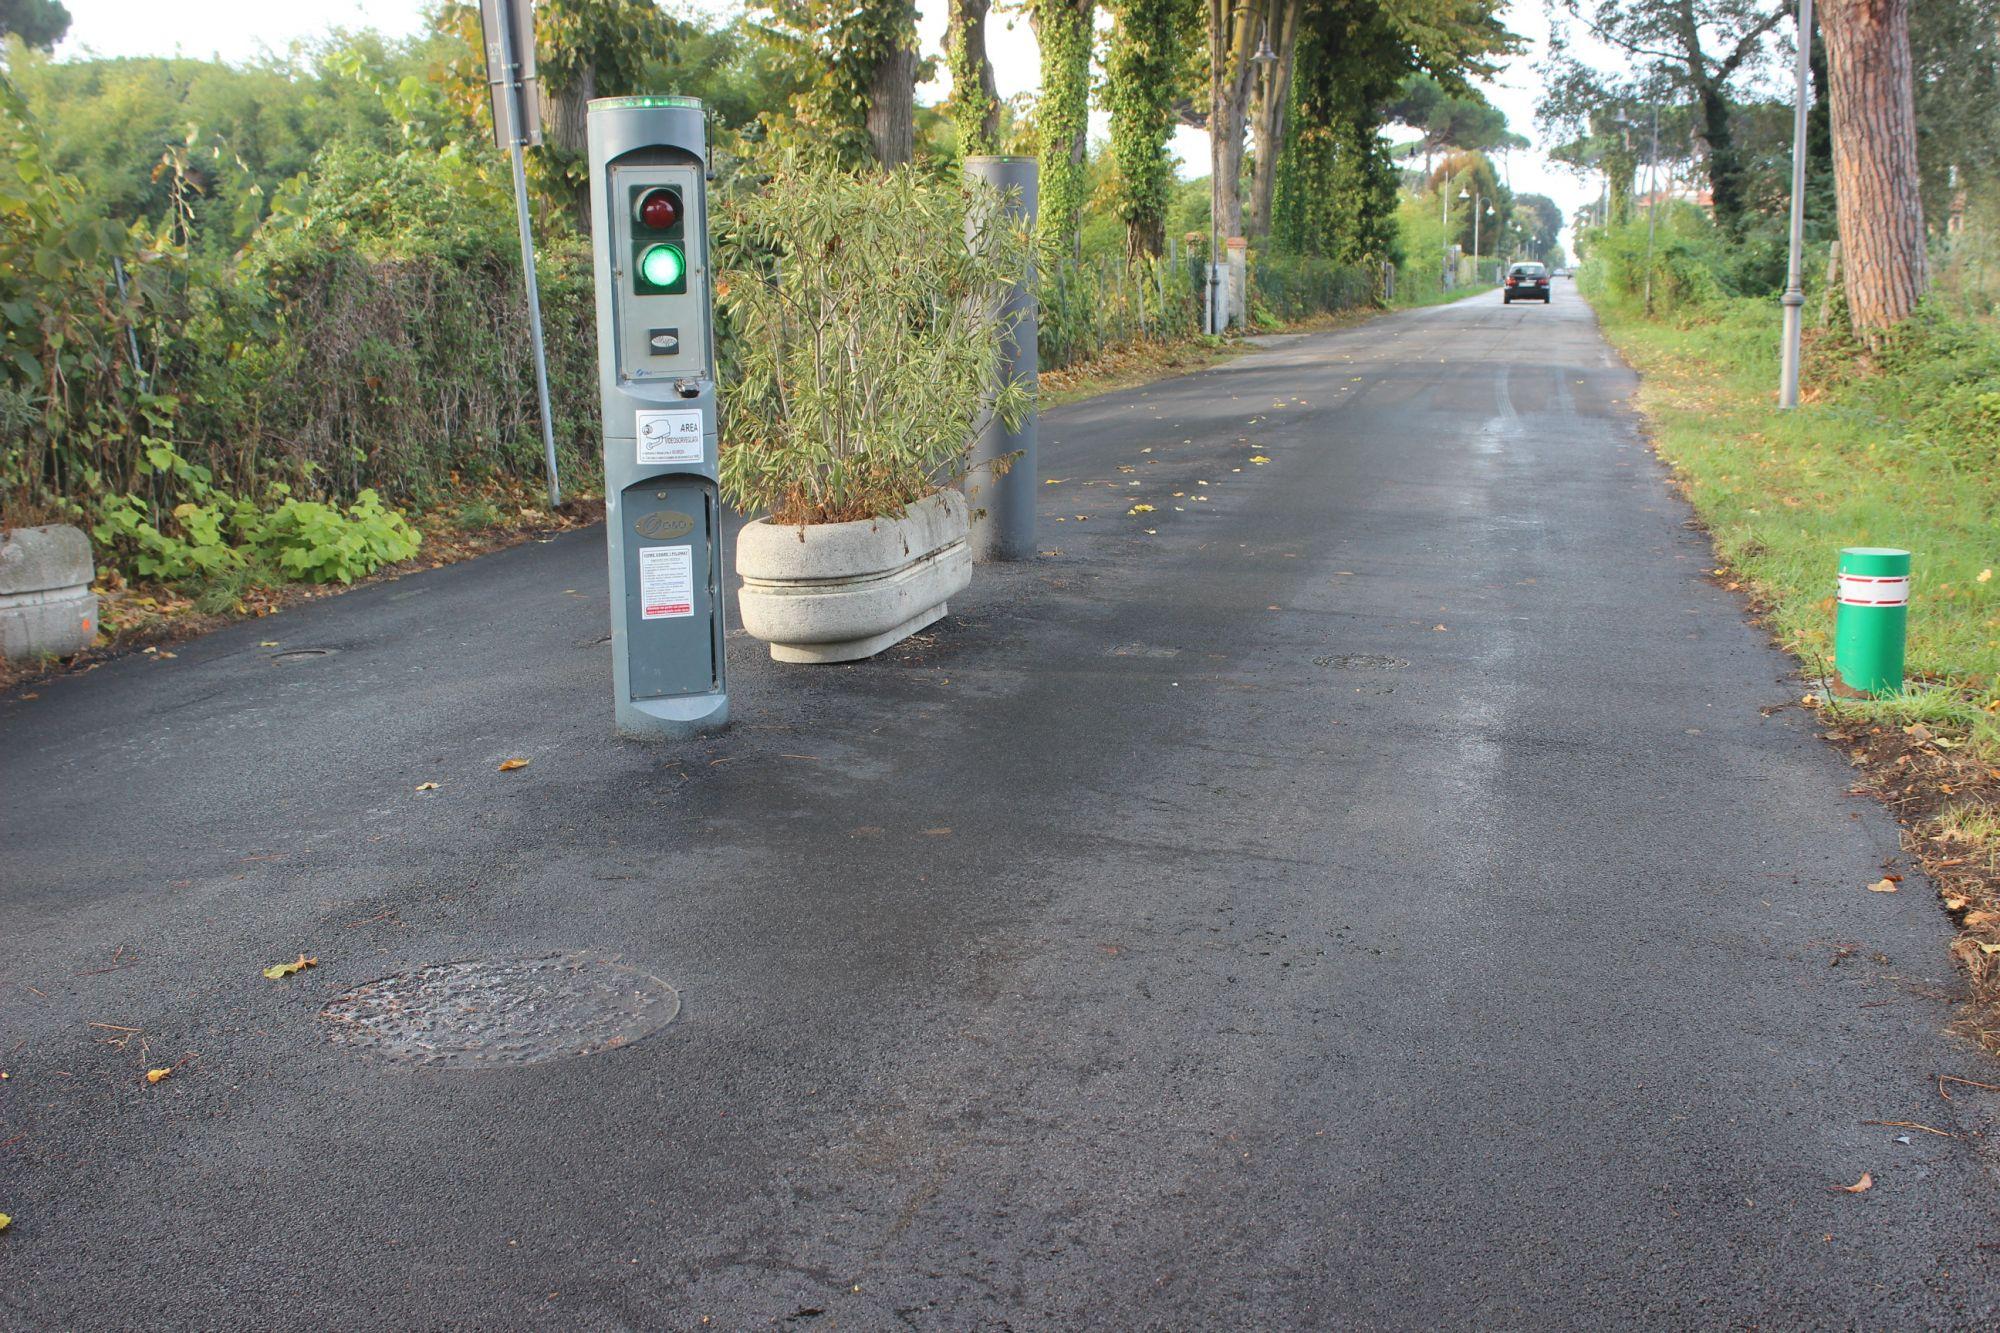 Viabilità, nuovo asfalto a Focette e messa in sicurezza ingresso via Cavour